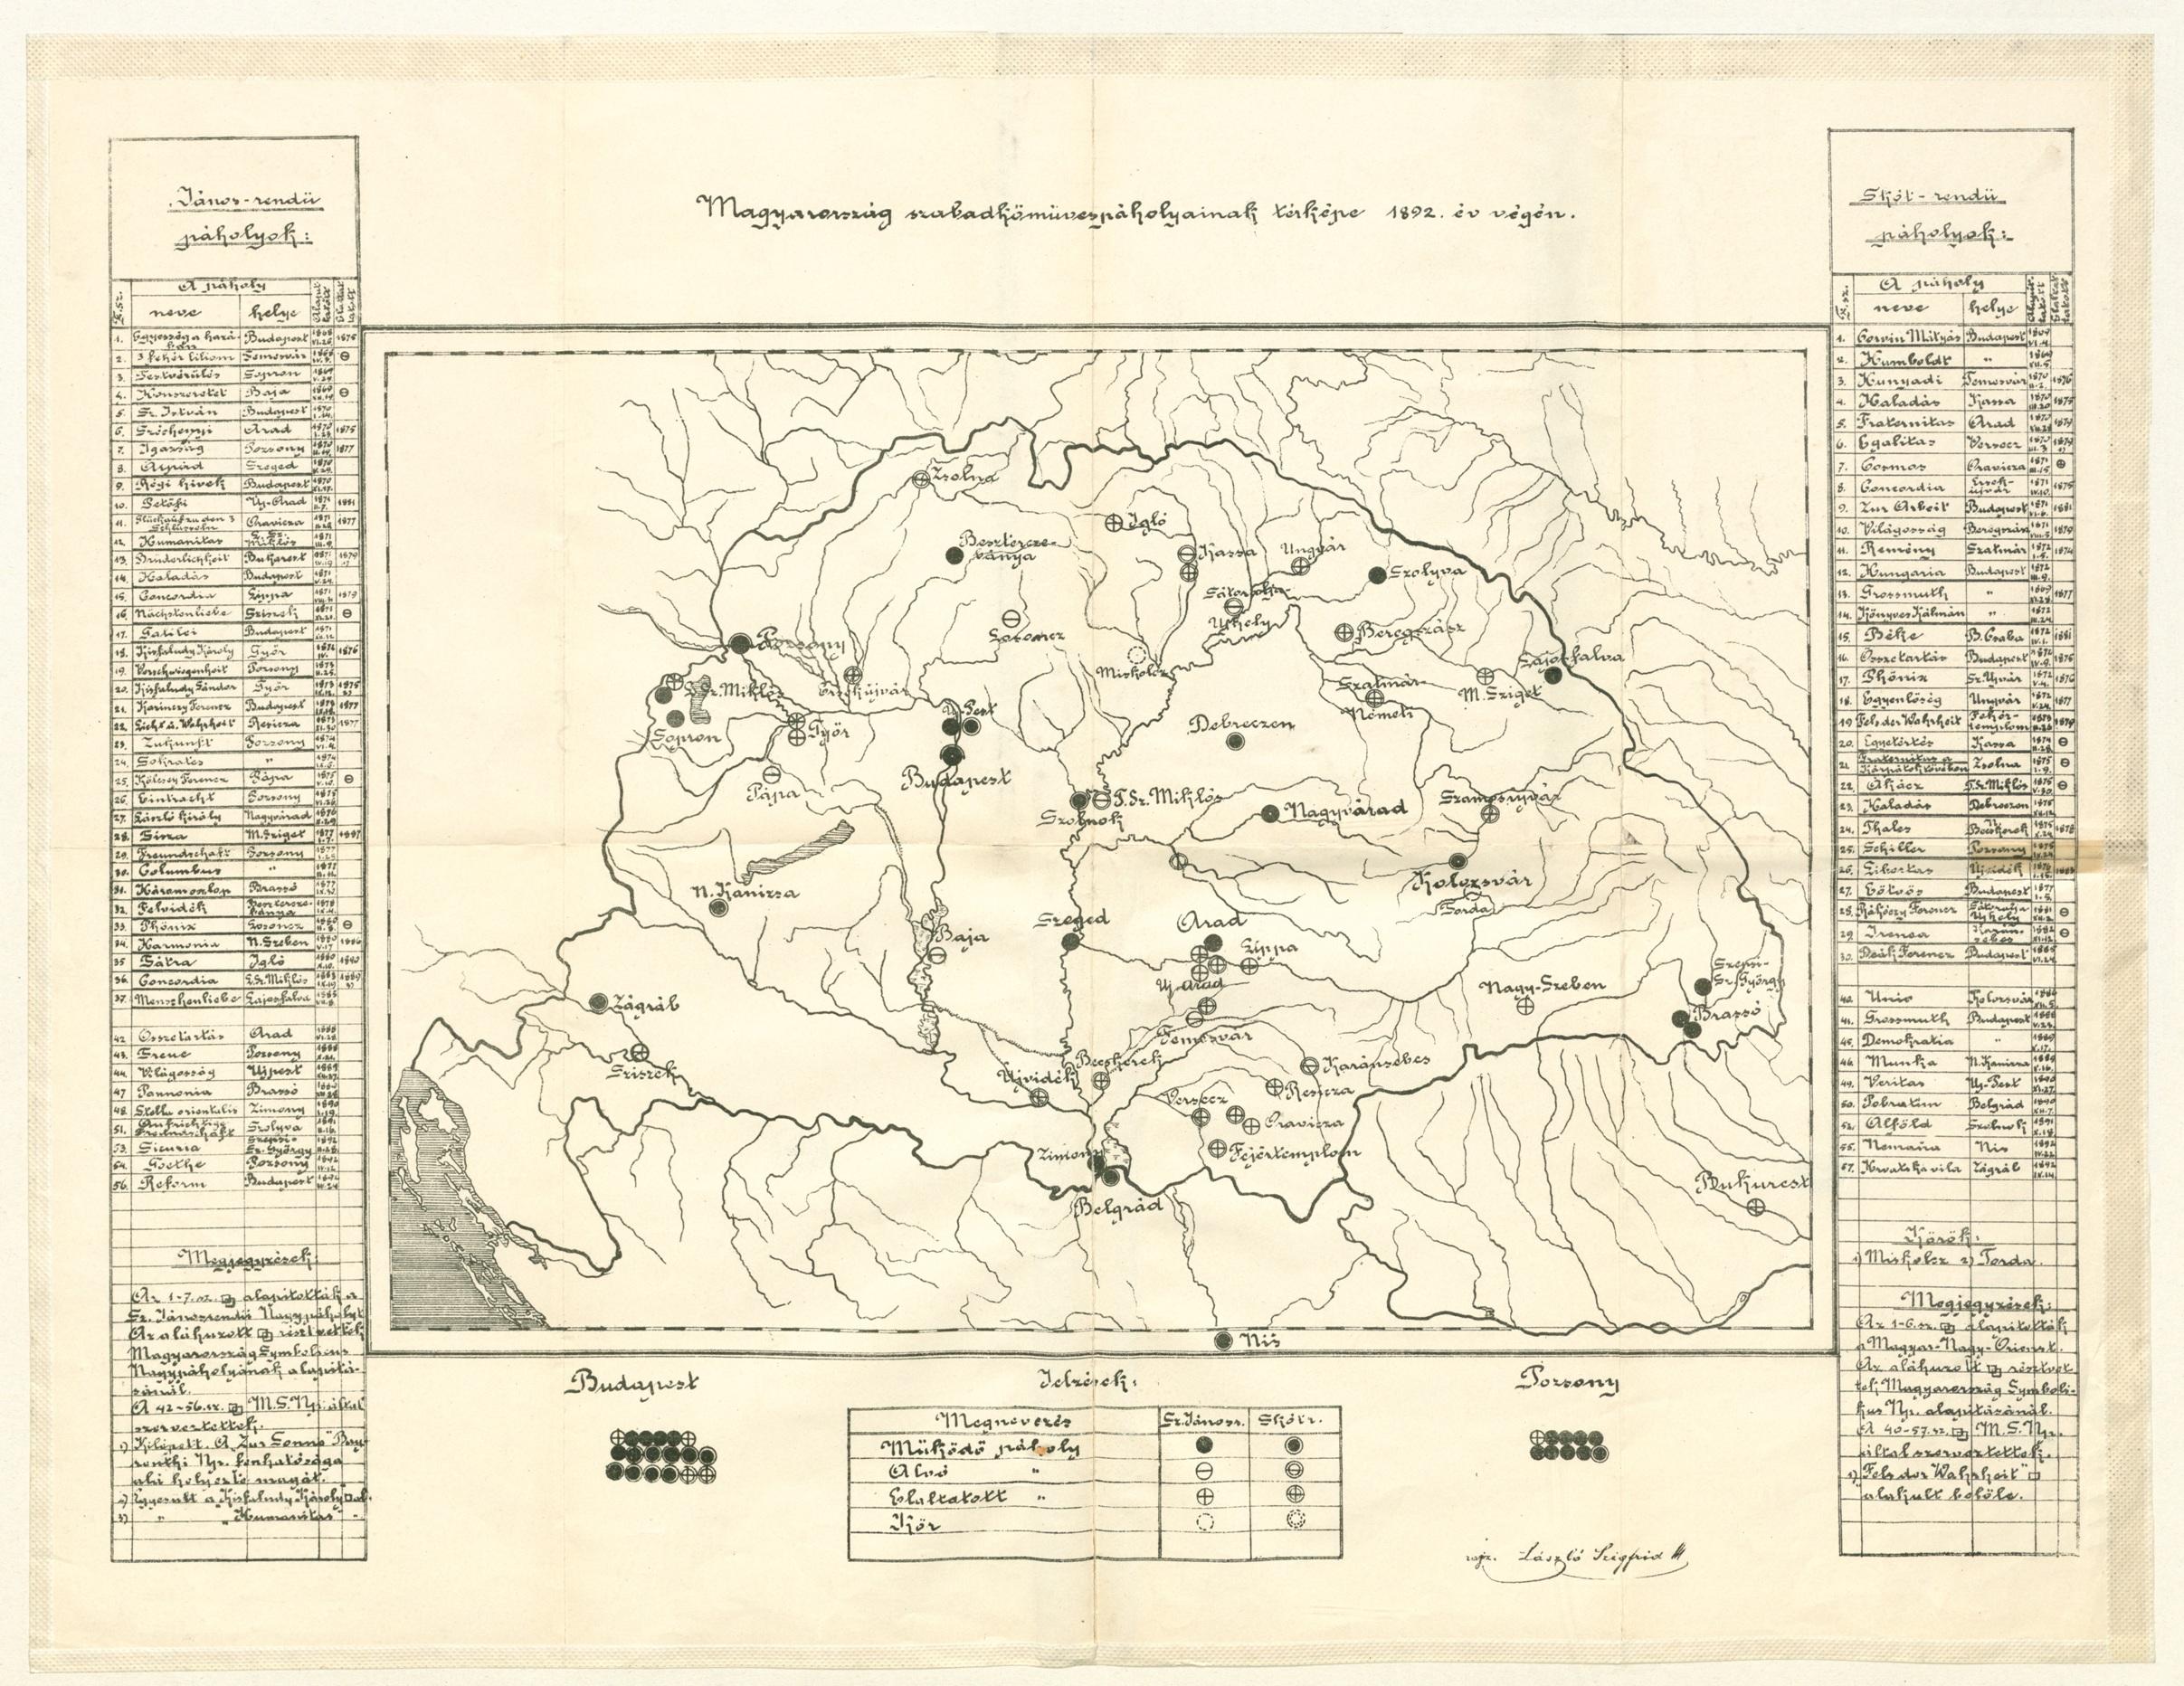 László Szigfrid - Magyarország szabadkőműves páholyainak térképe 1892. év végén